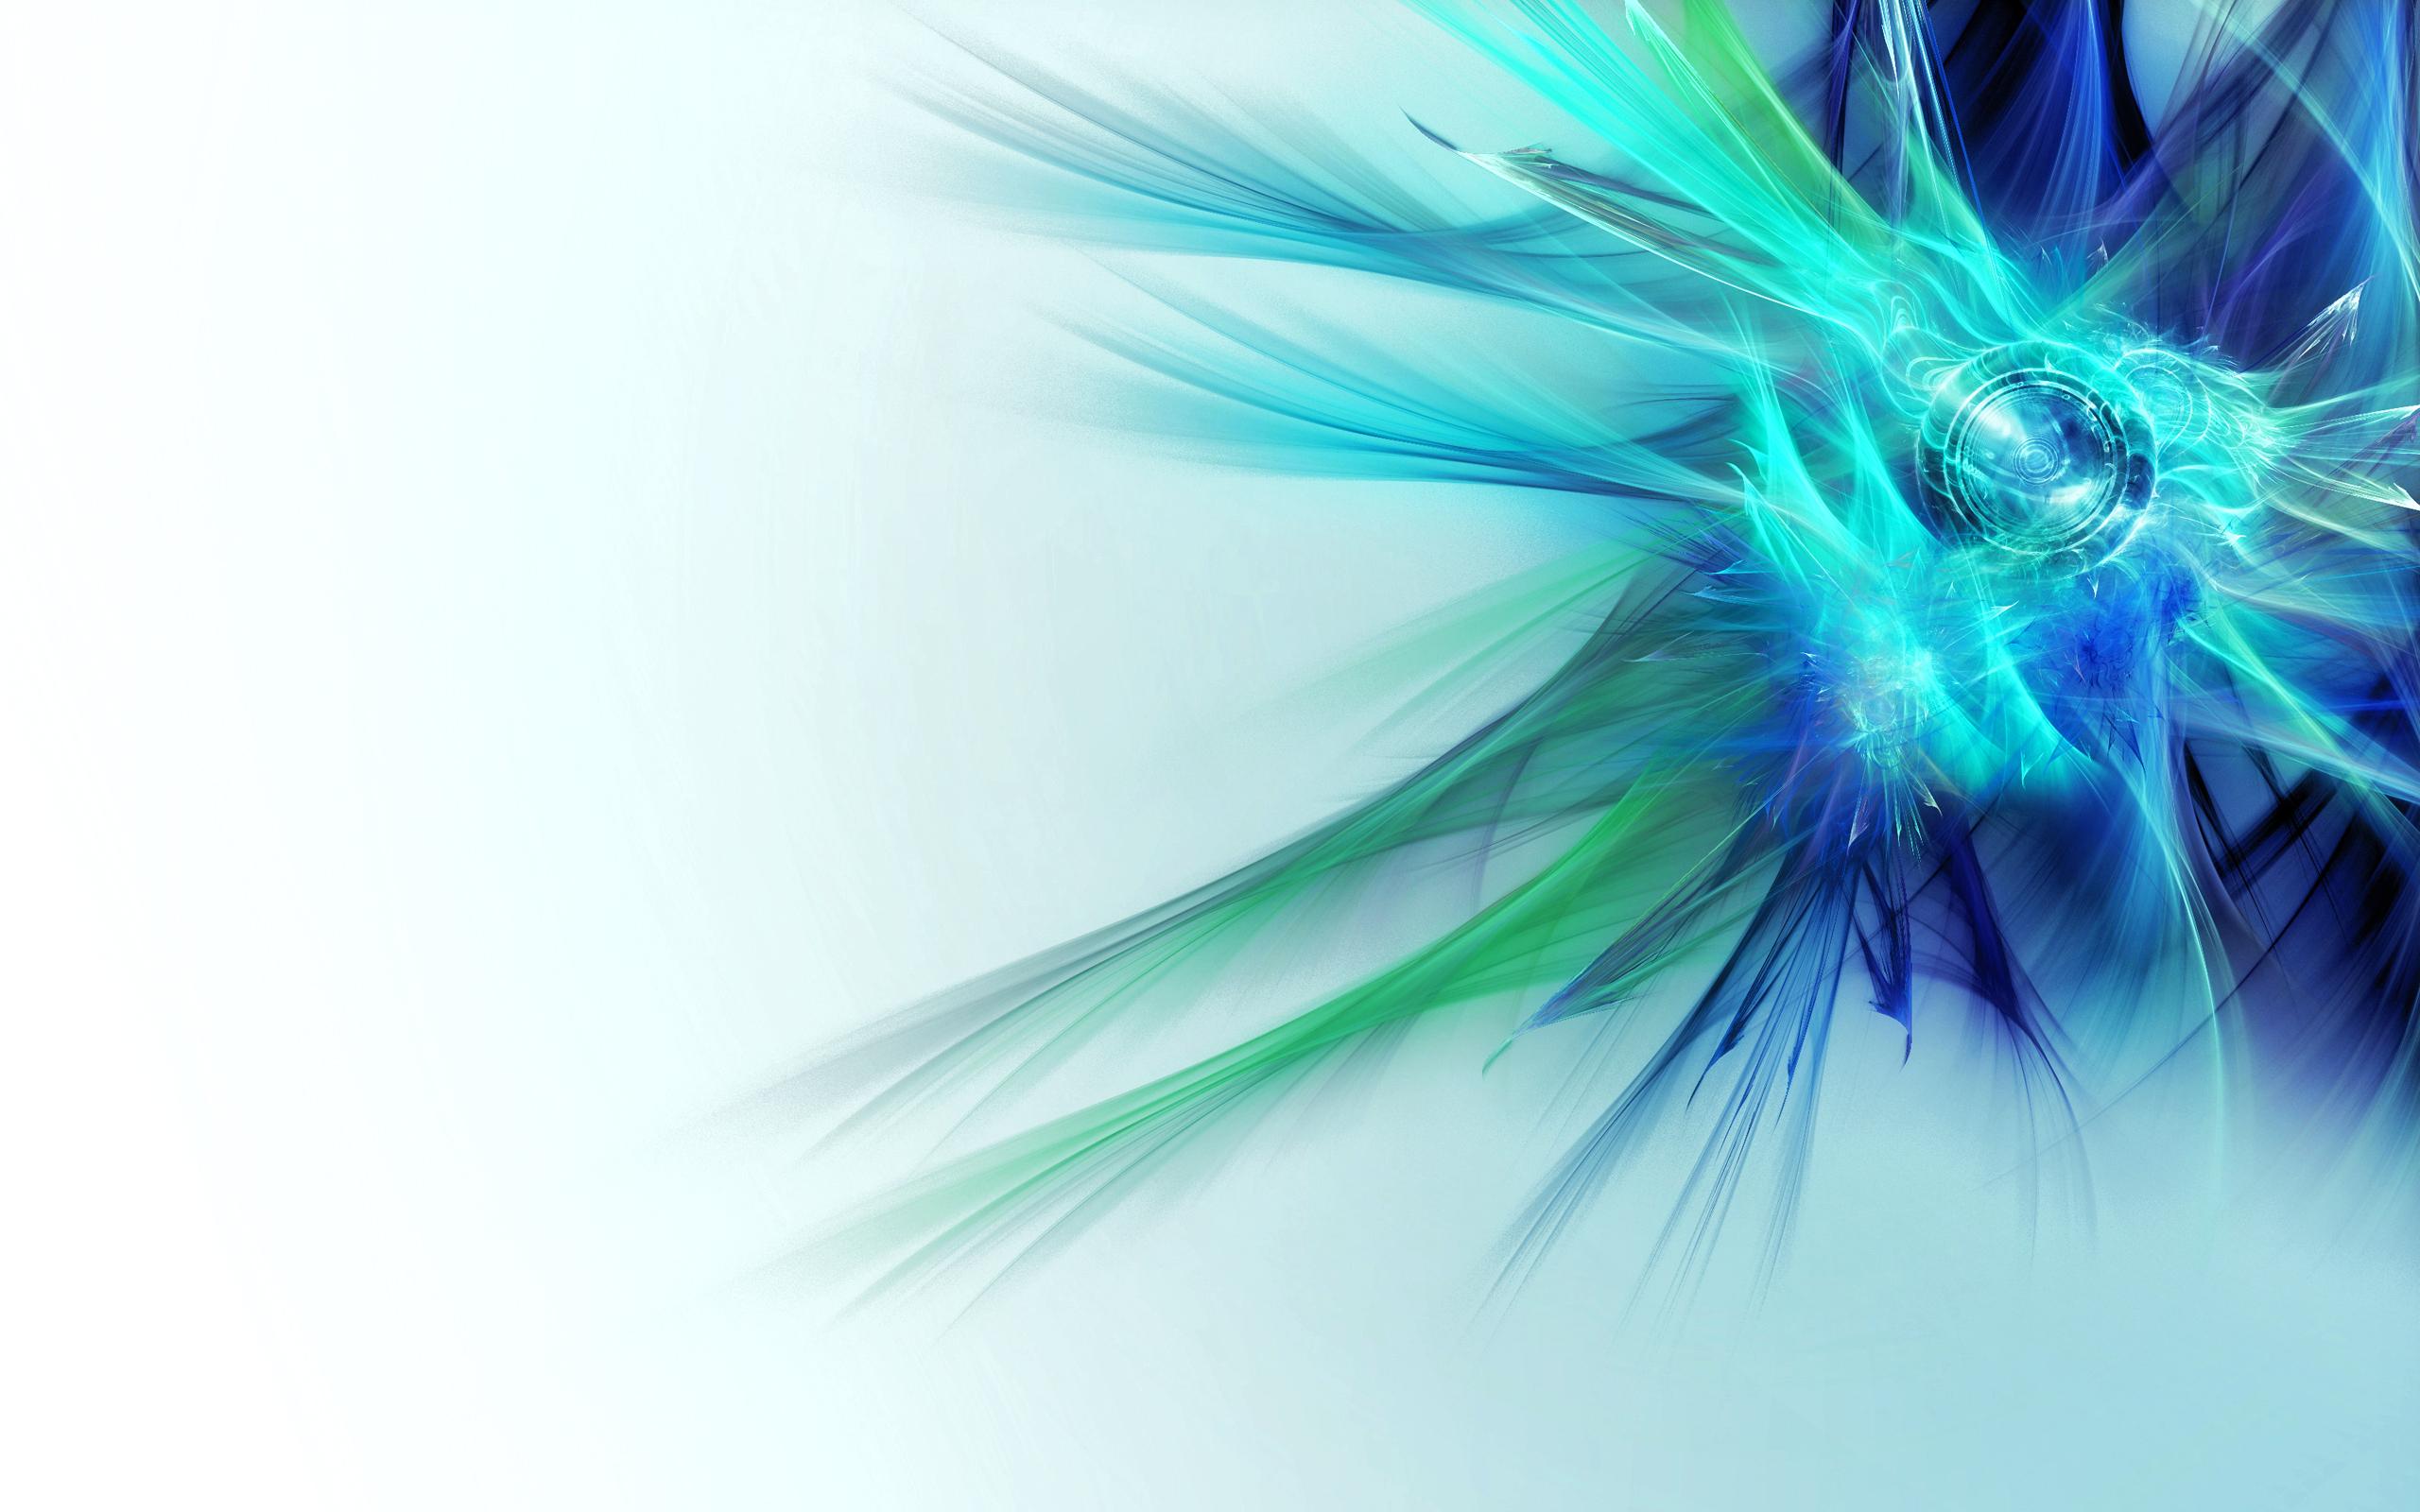 Blue Modern Backgrounds HD wallpaper background 2560x1600